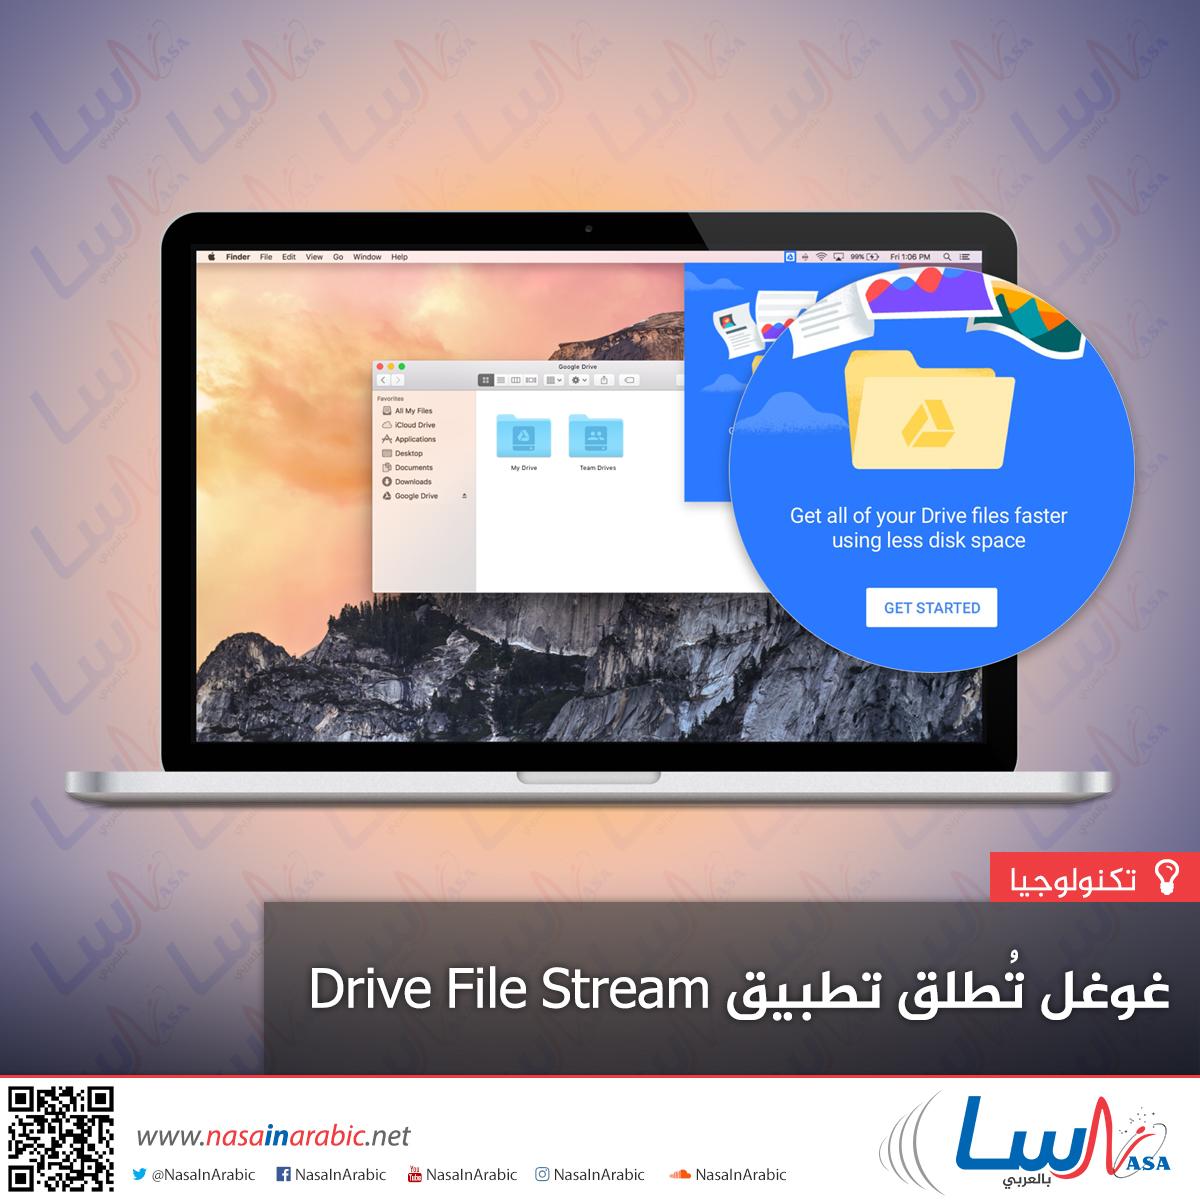 غوغل تُطلق تطبيق Drive File Stream